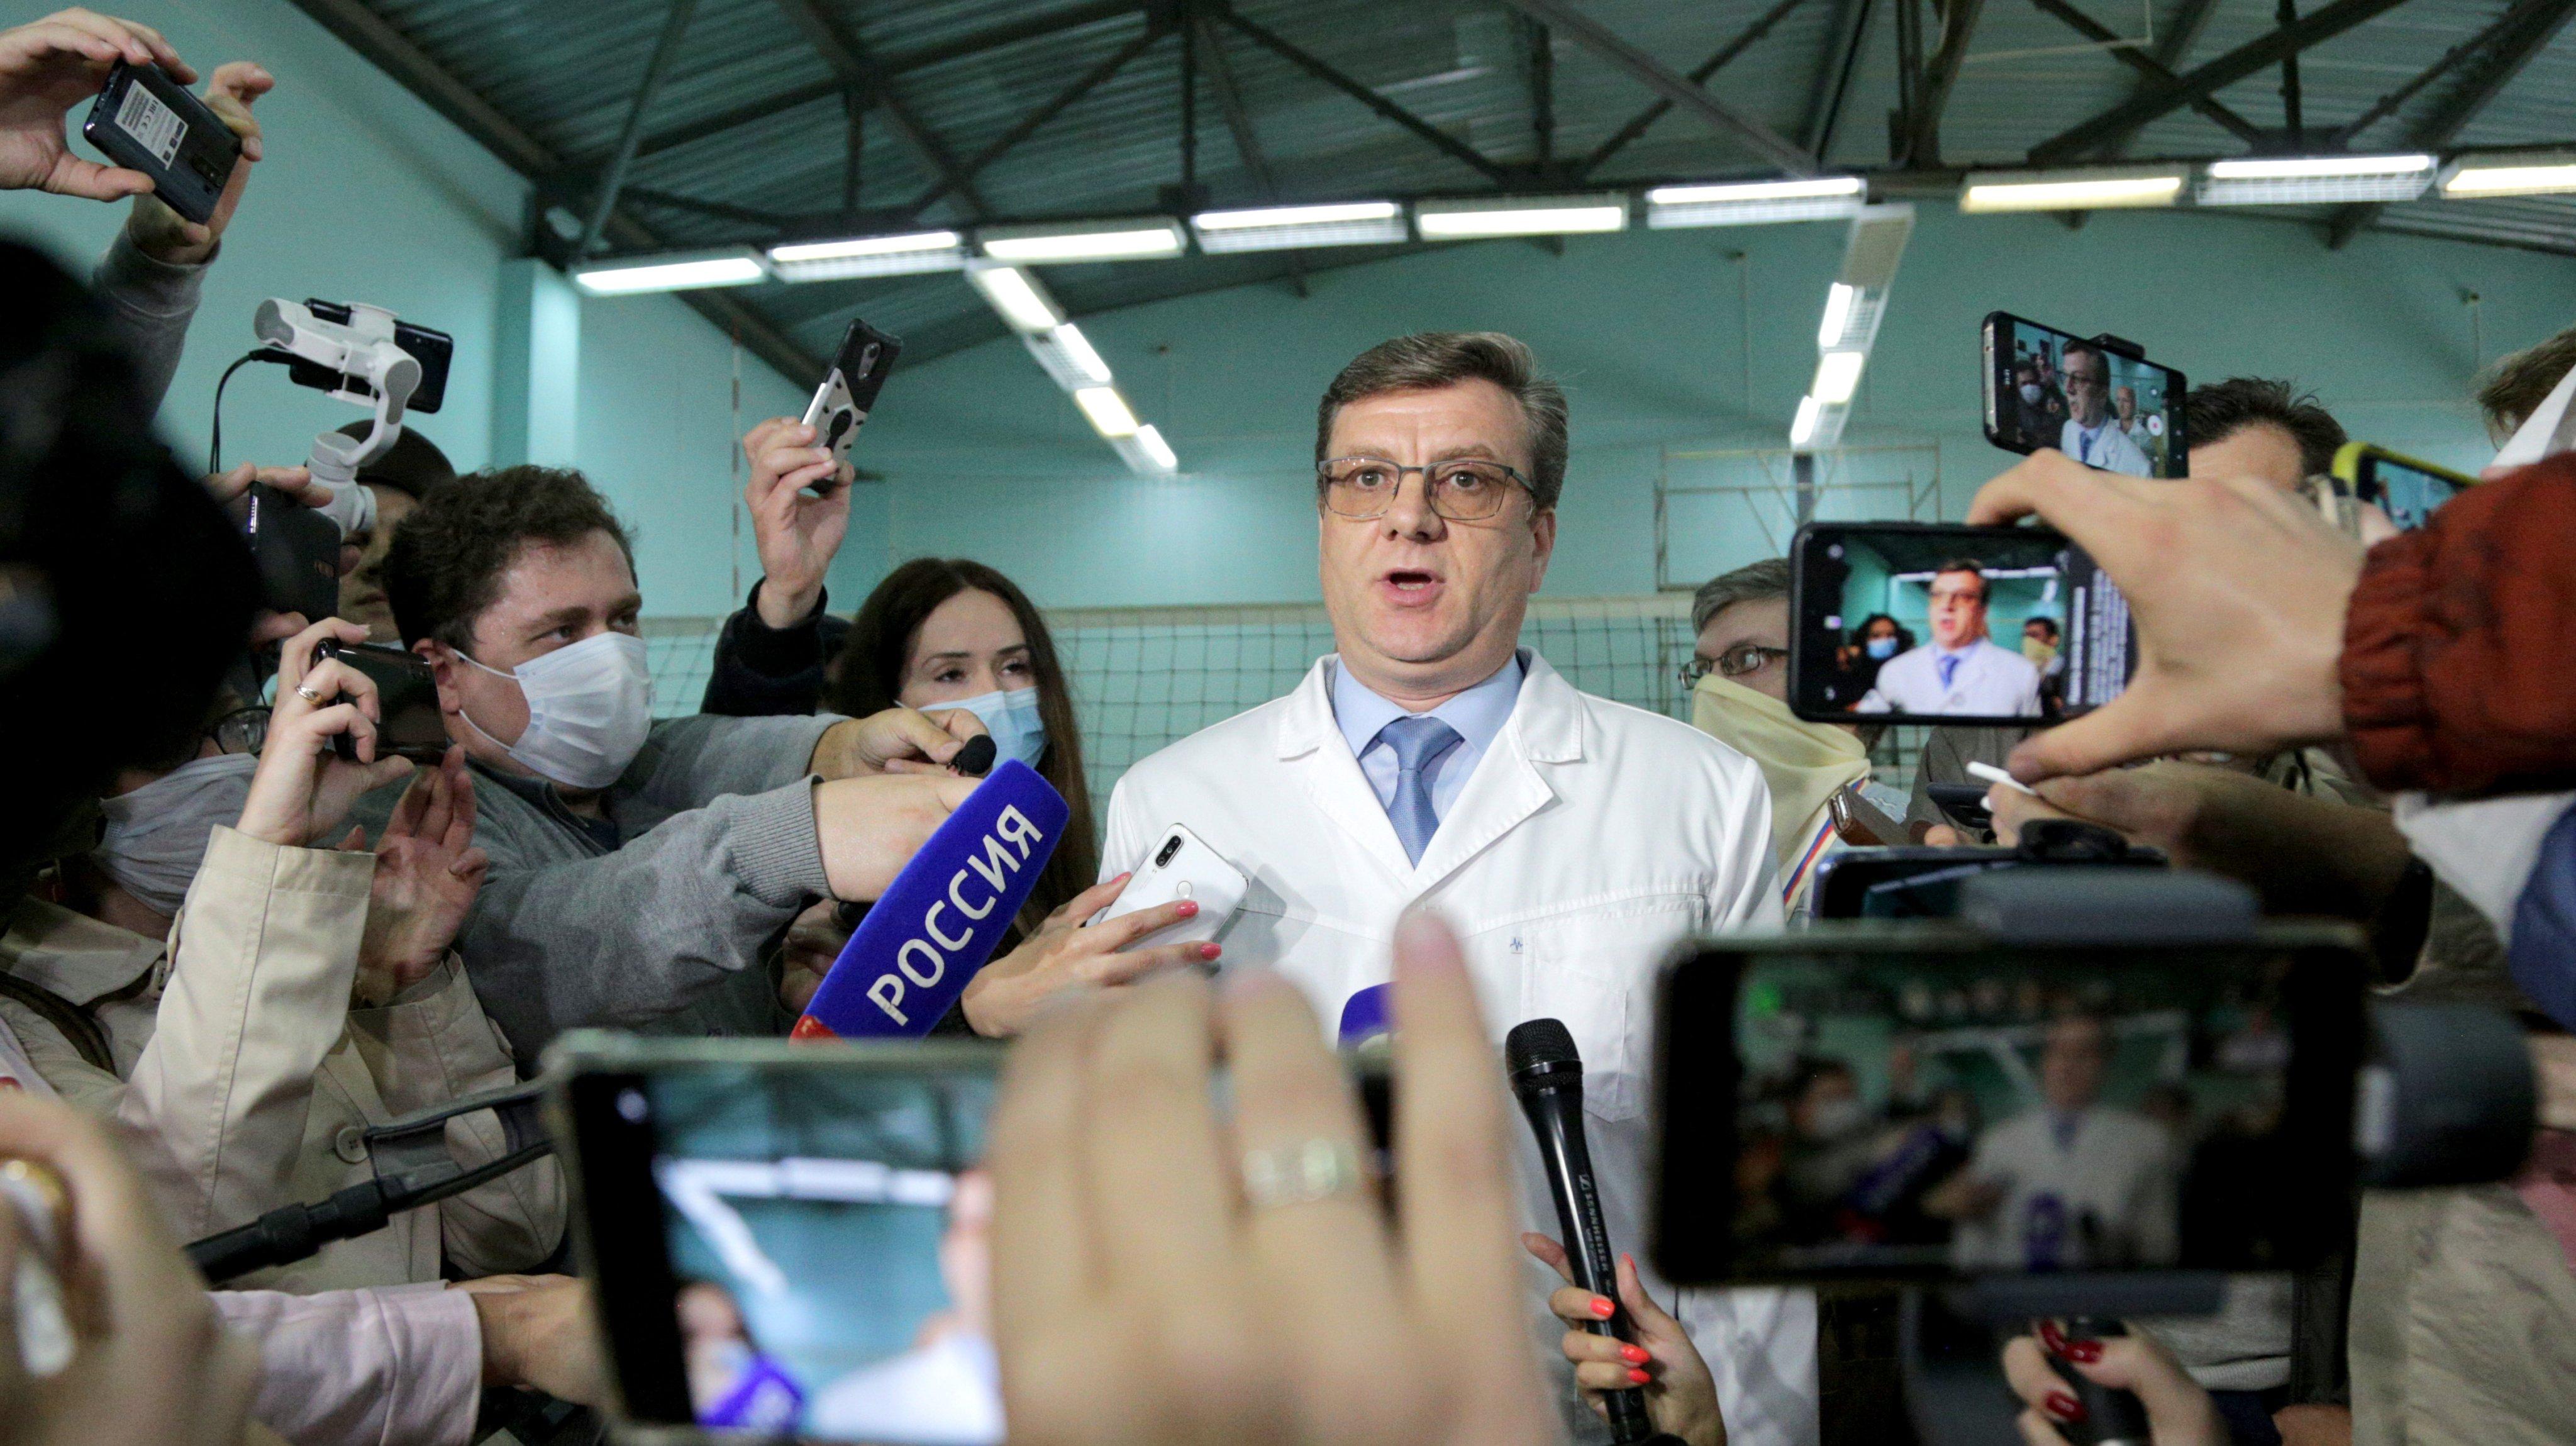 Scene outside hospital in Omsk where Russian opposition activist Alexei Navalny is hospitalised